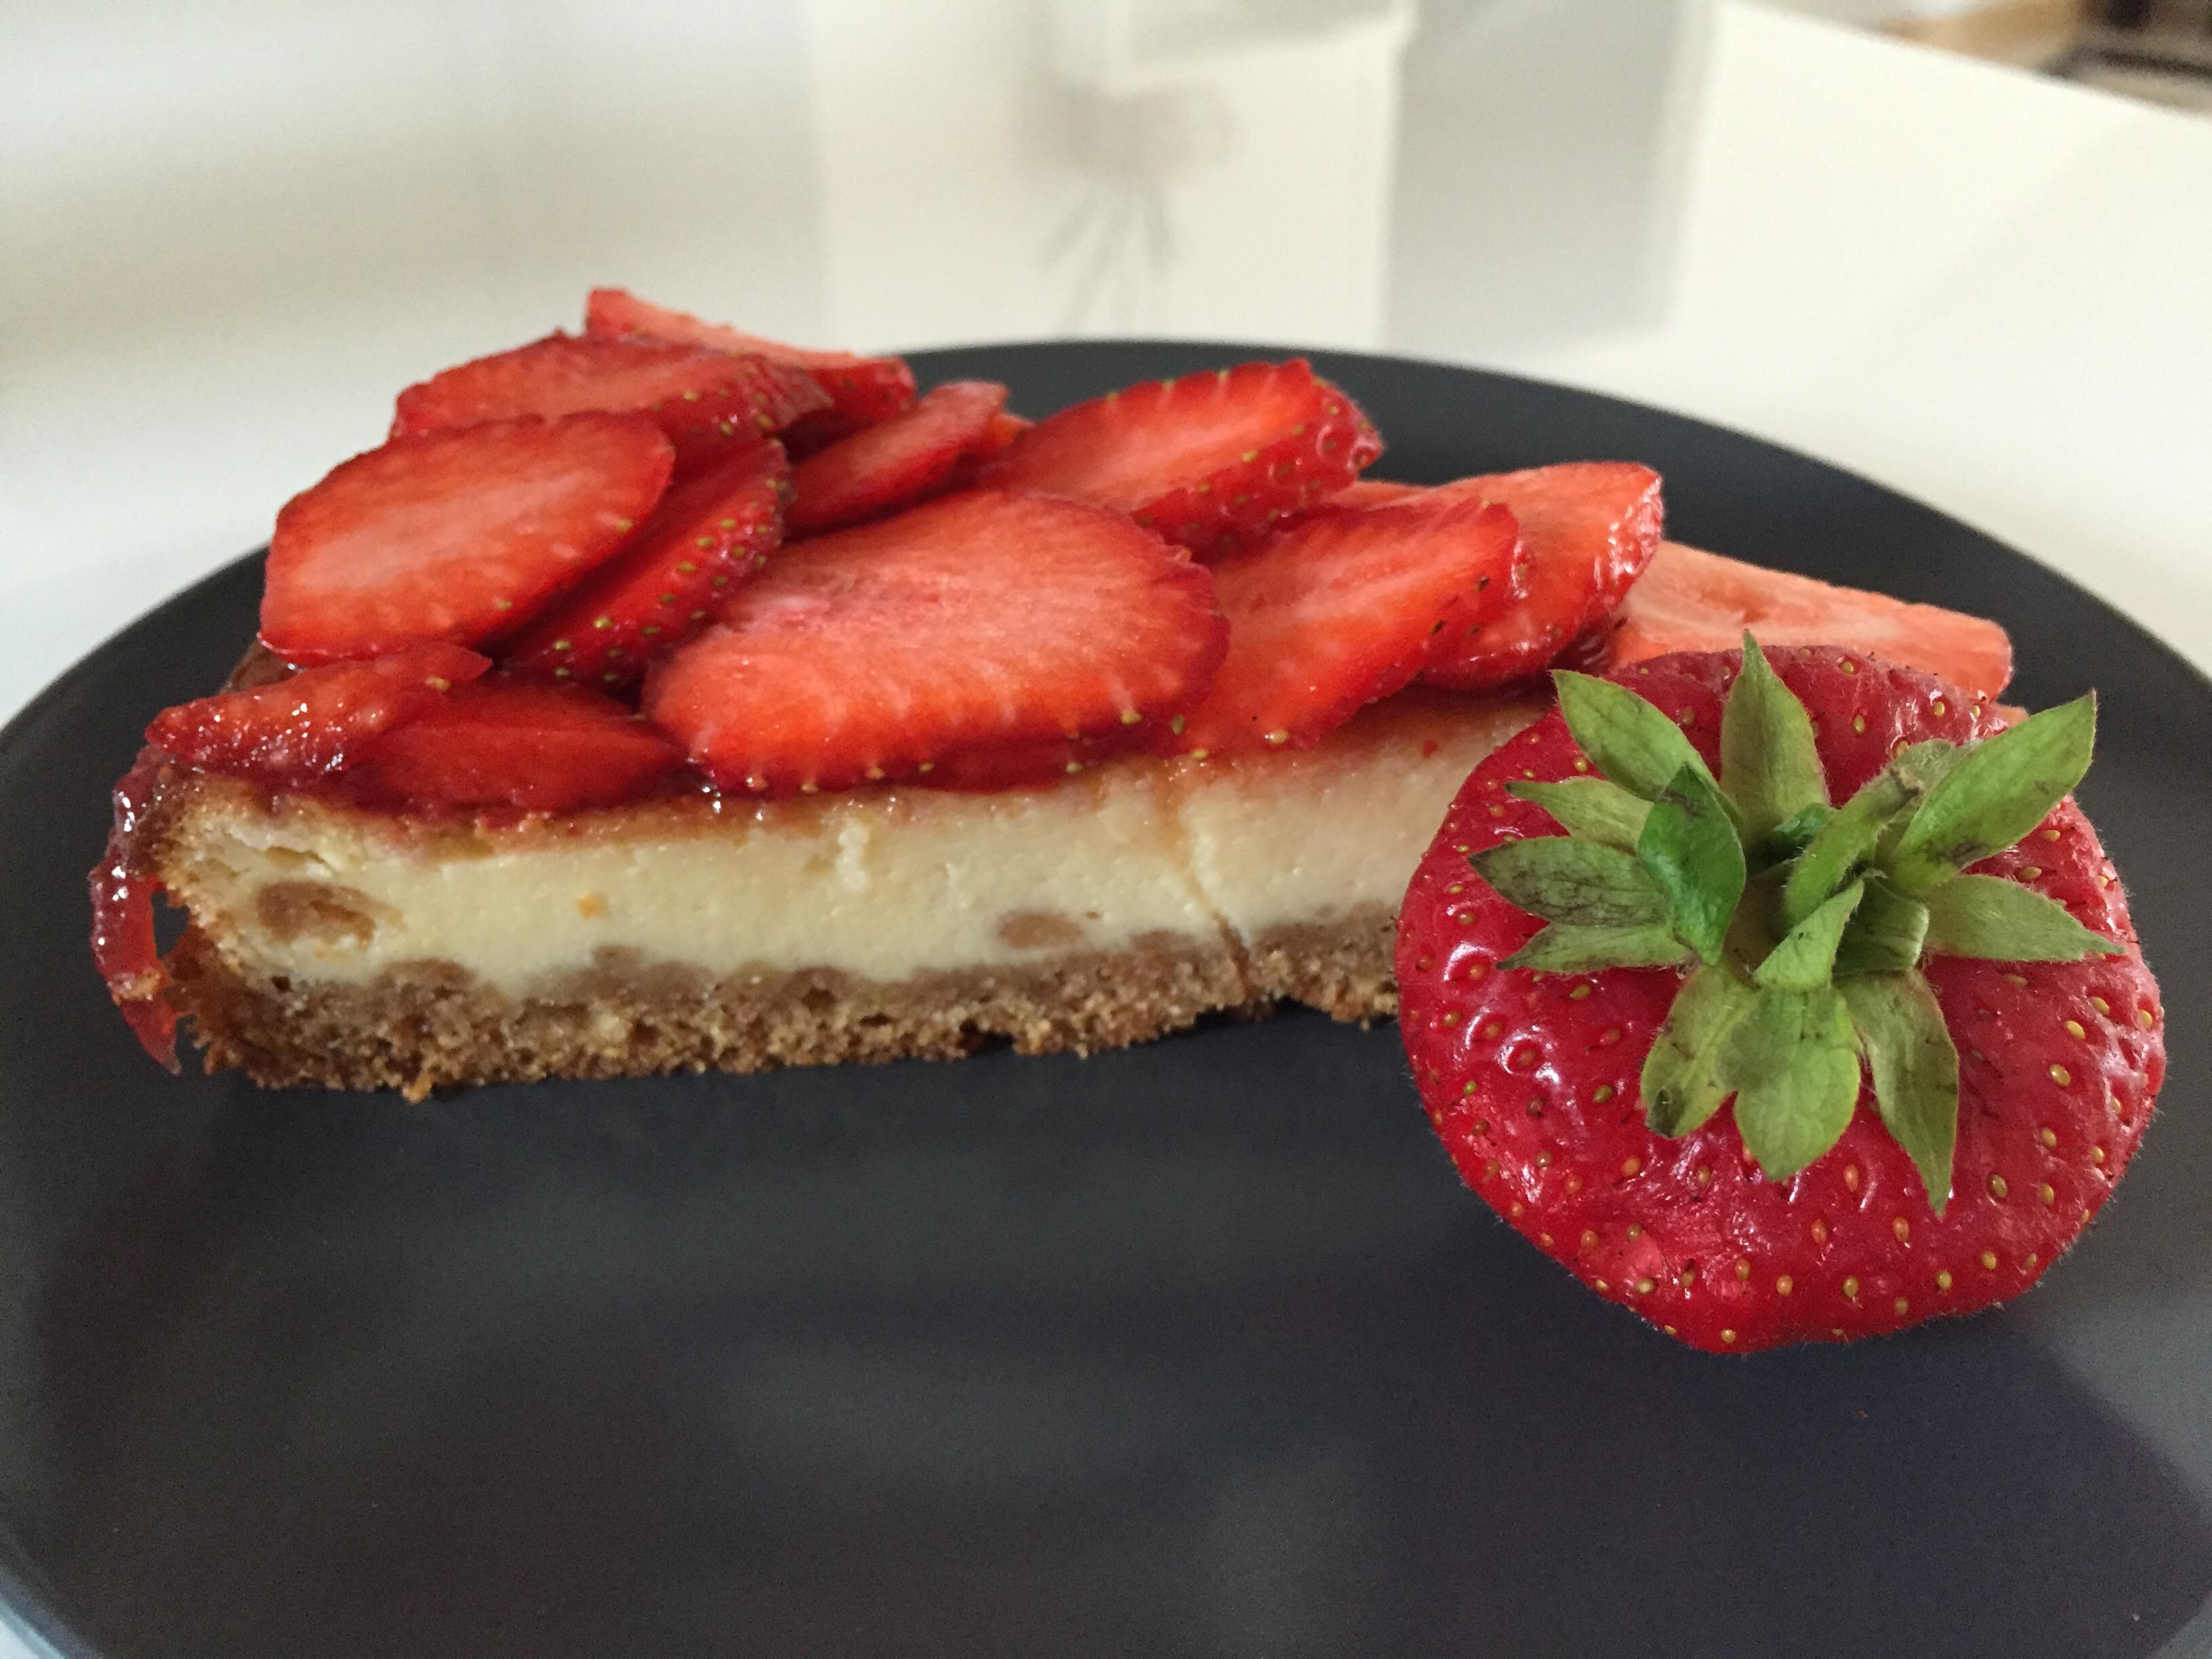 || Erdbeer Käsekuchen geschnitten auf dem Teller